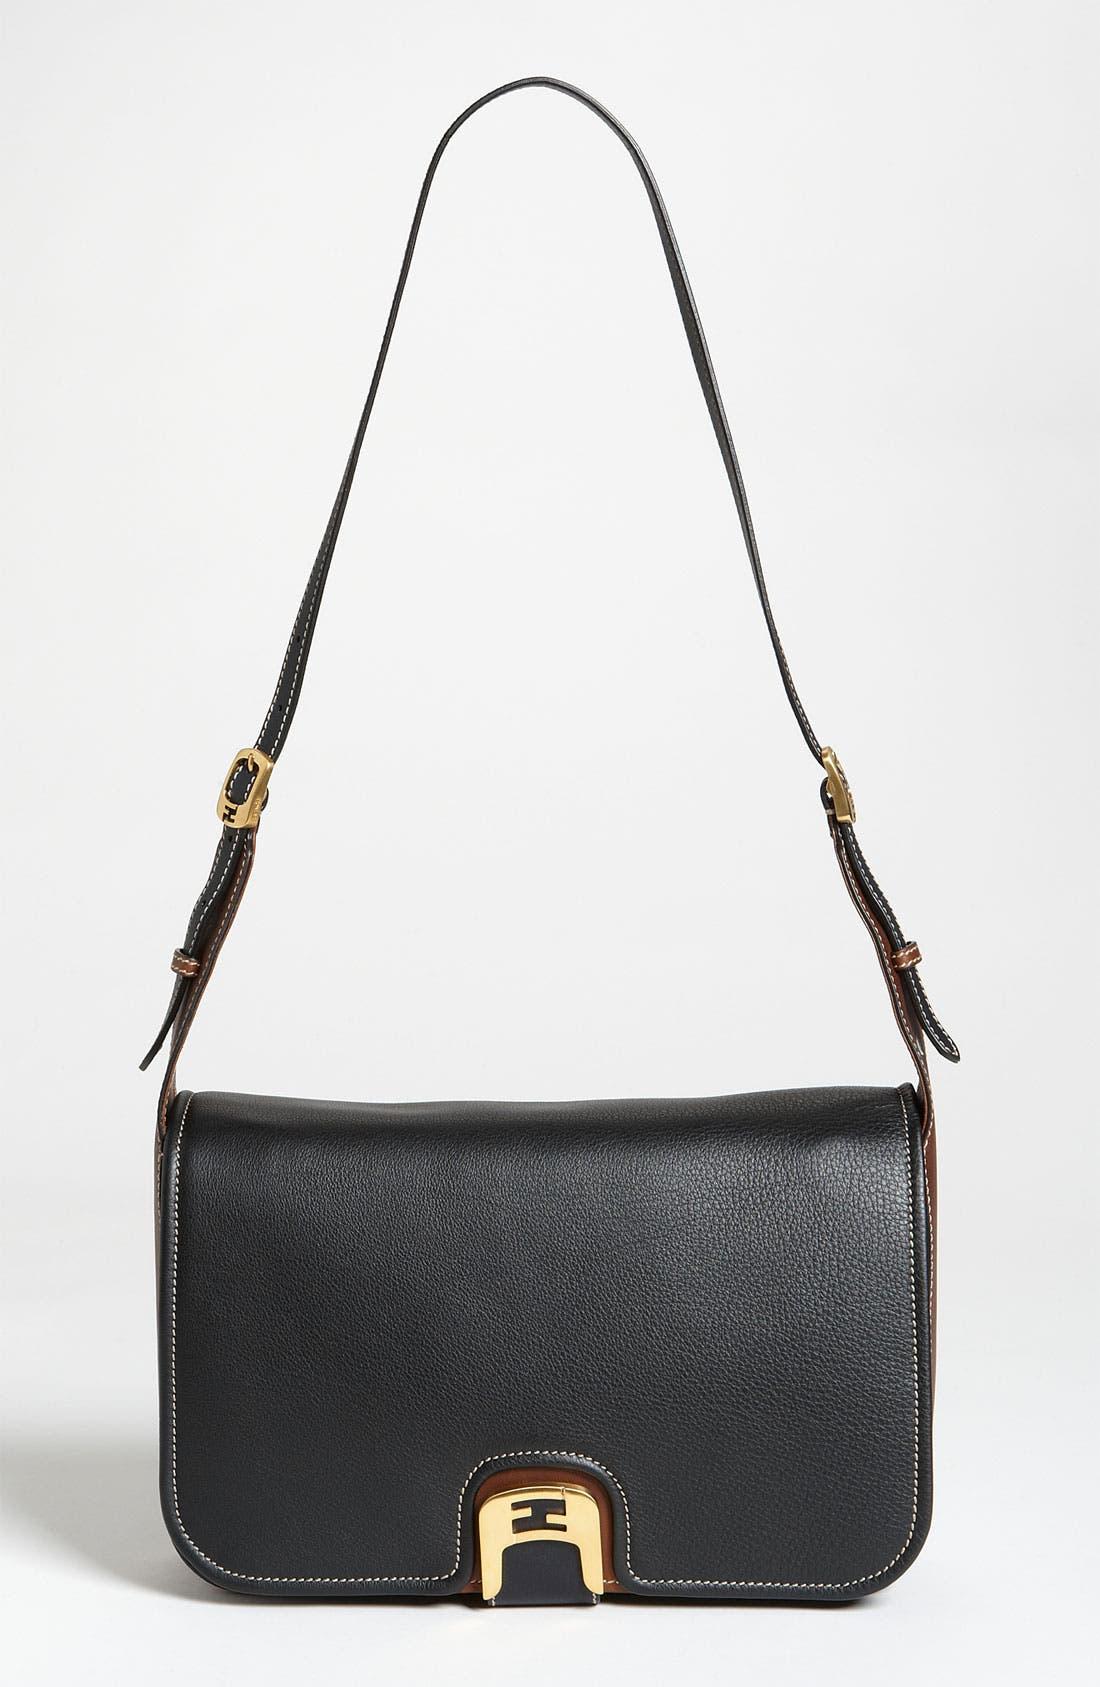 Alternate Image 1 Selected - Fendi 'Chameleon' Leather Shoulder Bag